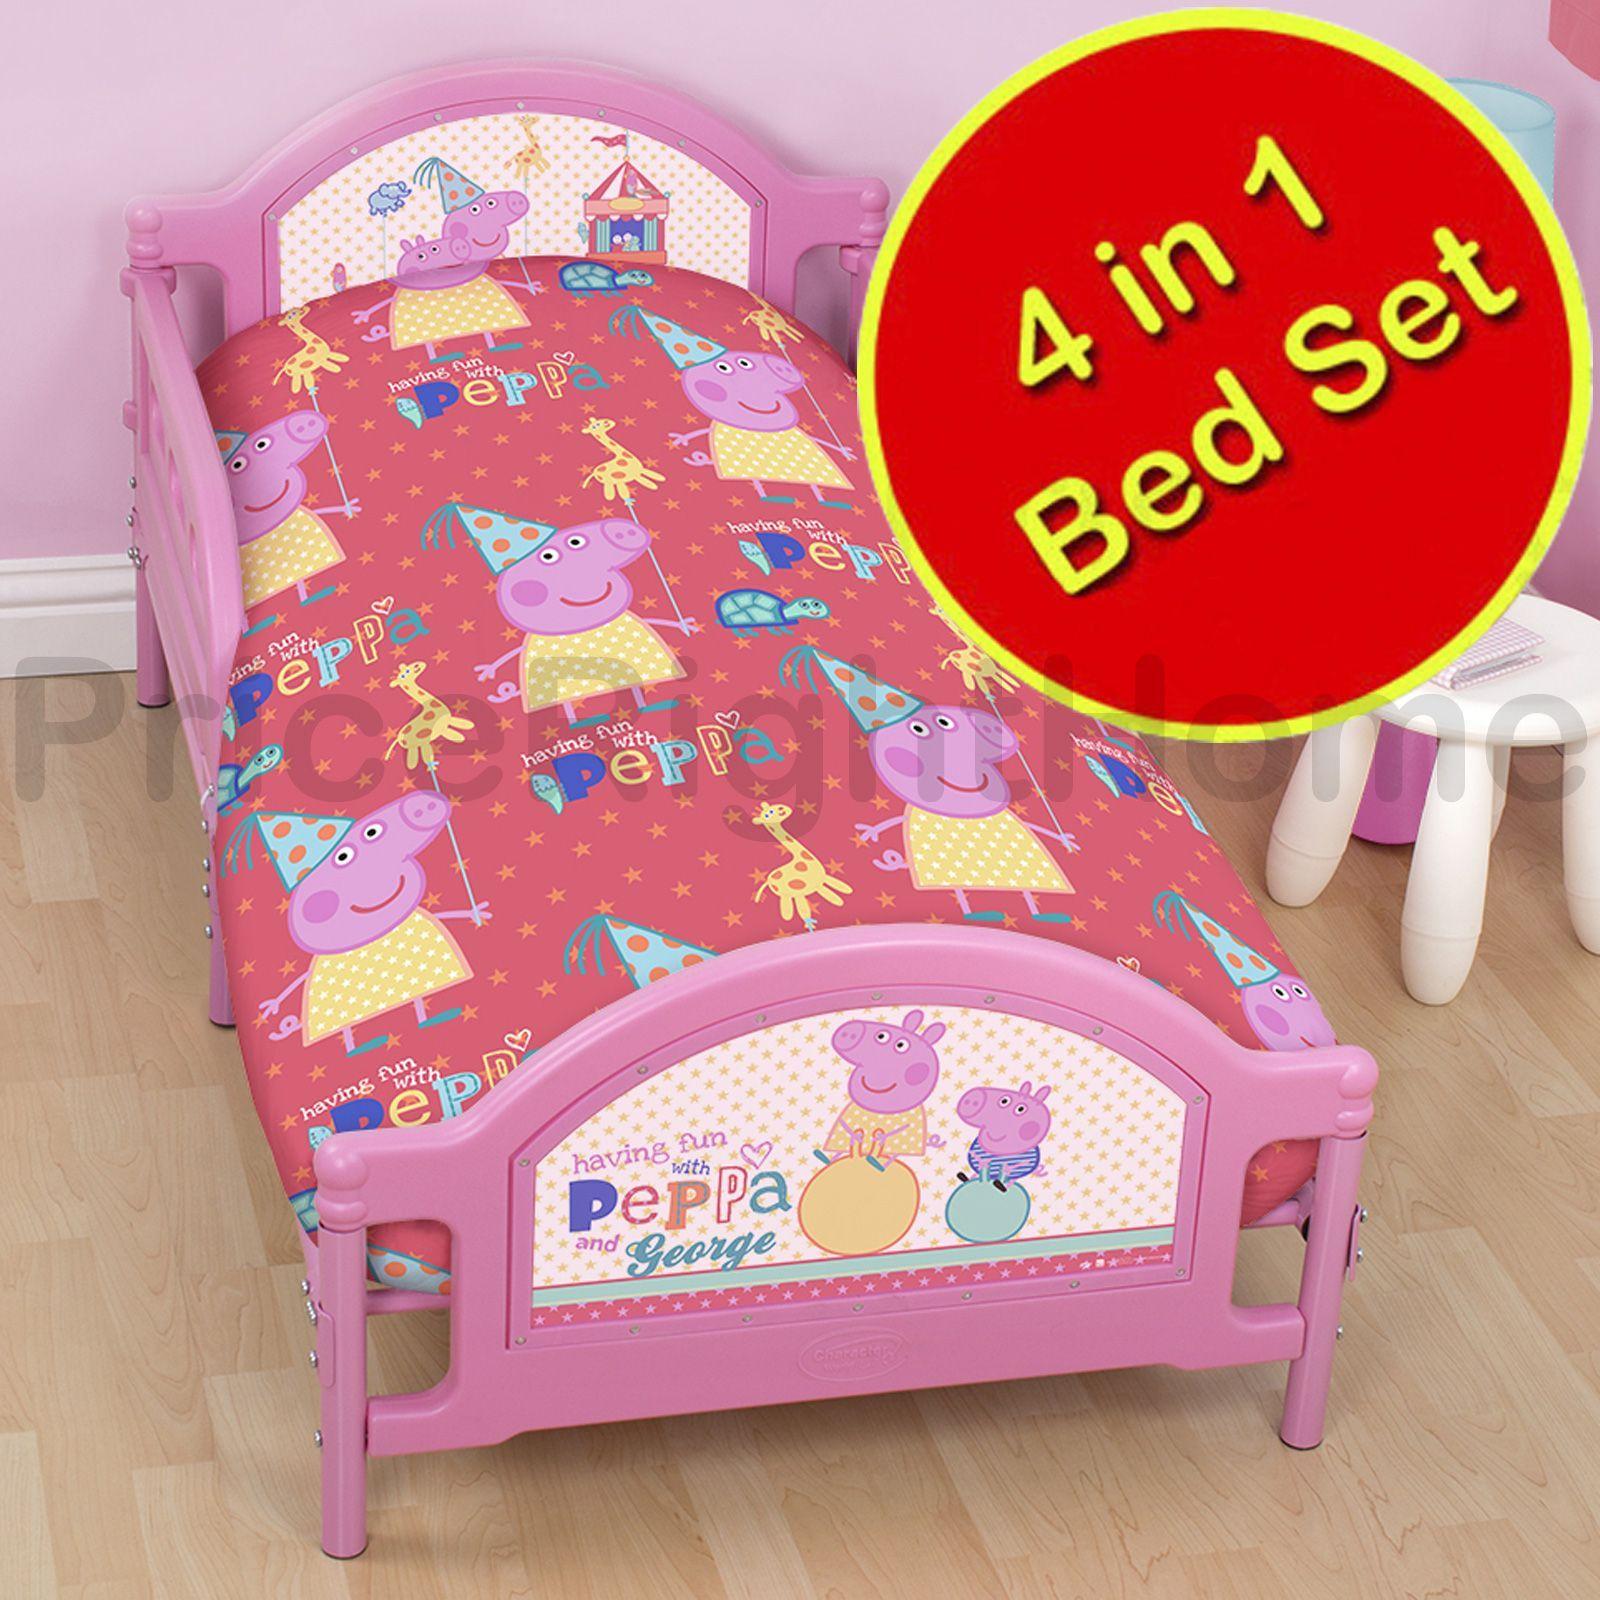 Peppa Pig Bedroom Furniture Peppa Pig Funfair Bedroom Range Duvet Covers Junior Bedding